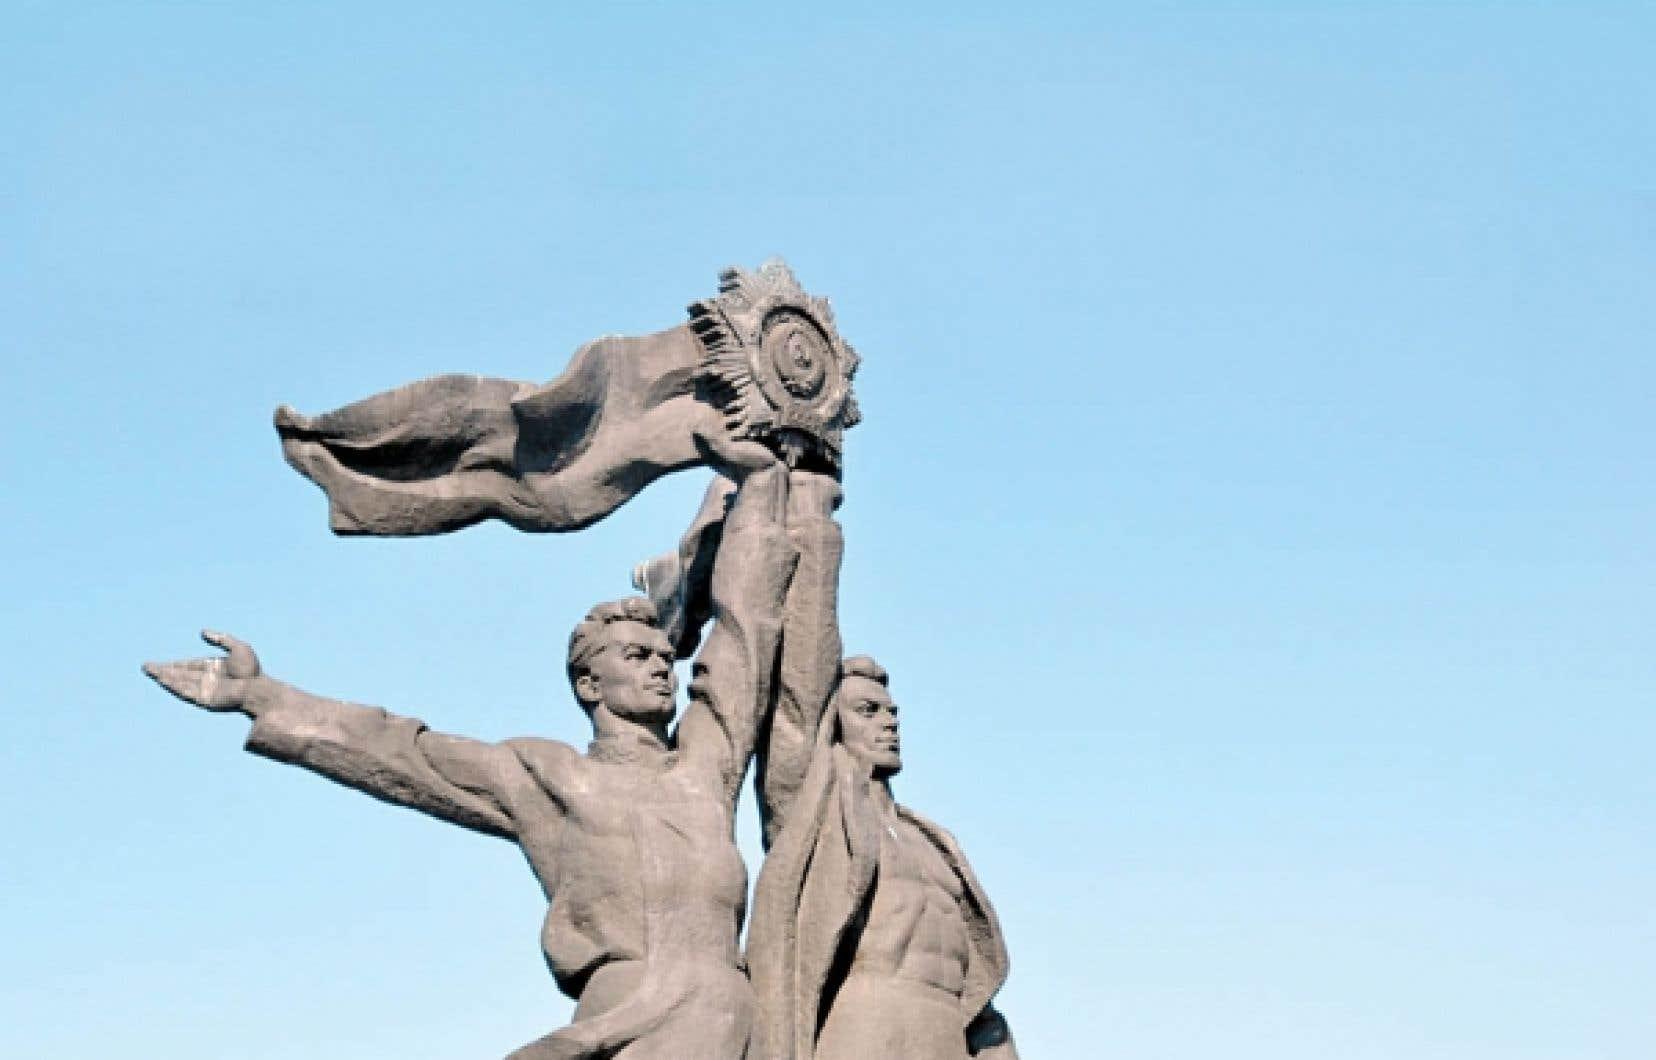 La statue qui fait partie de l'Arche de l'amitié, un monument érigé en 1954 pour célébrer l'amitié entre les peuples russe et ukrainien.<br />